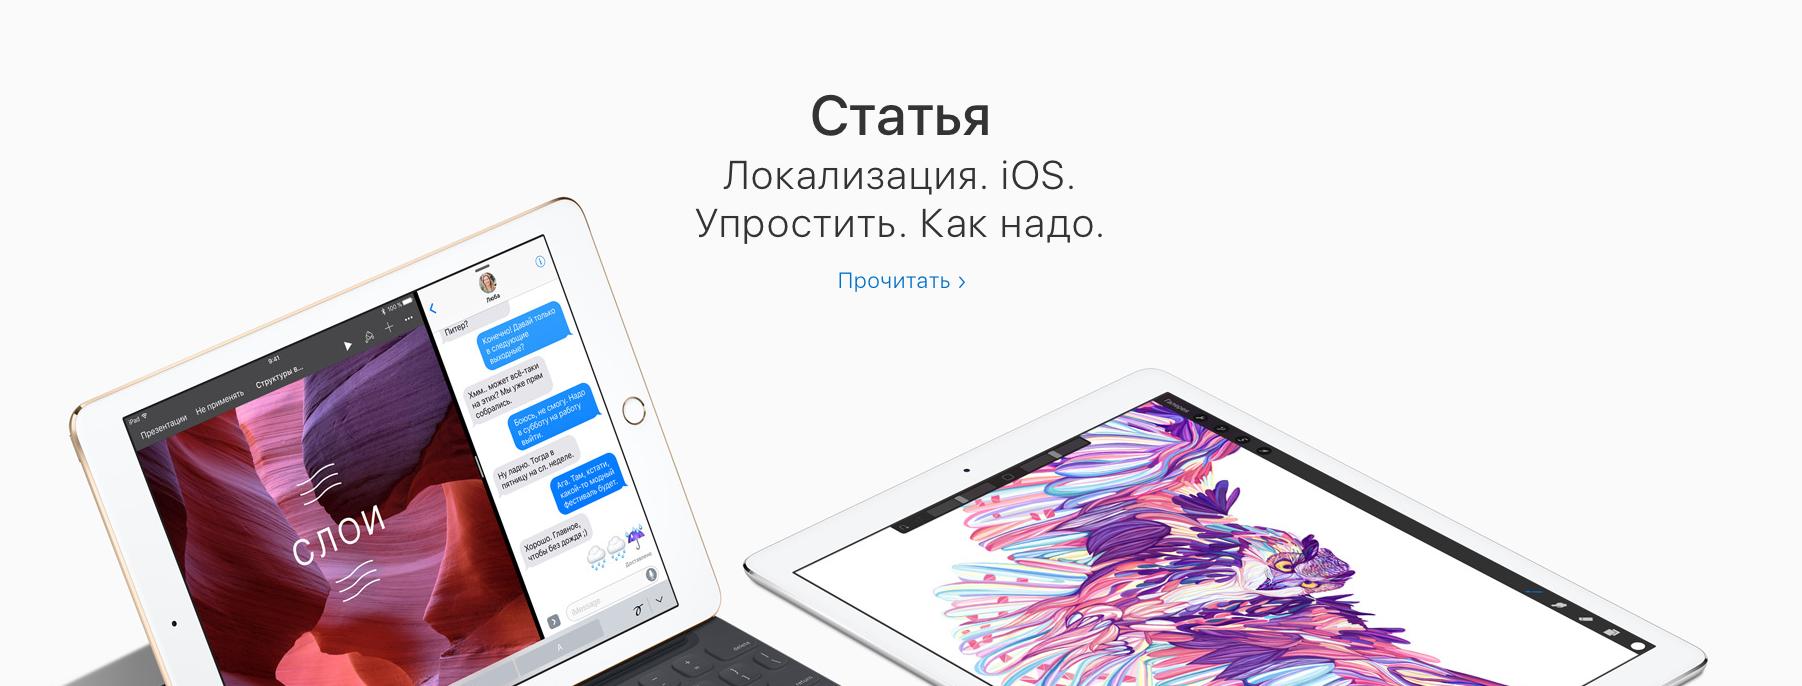 Упрощение локализации в iOS